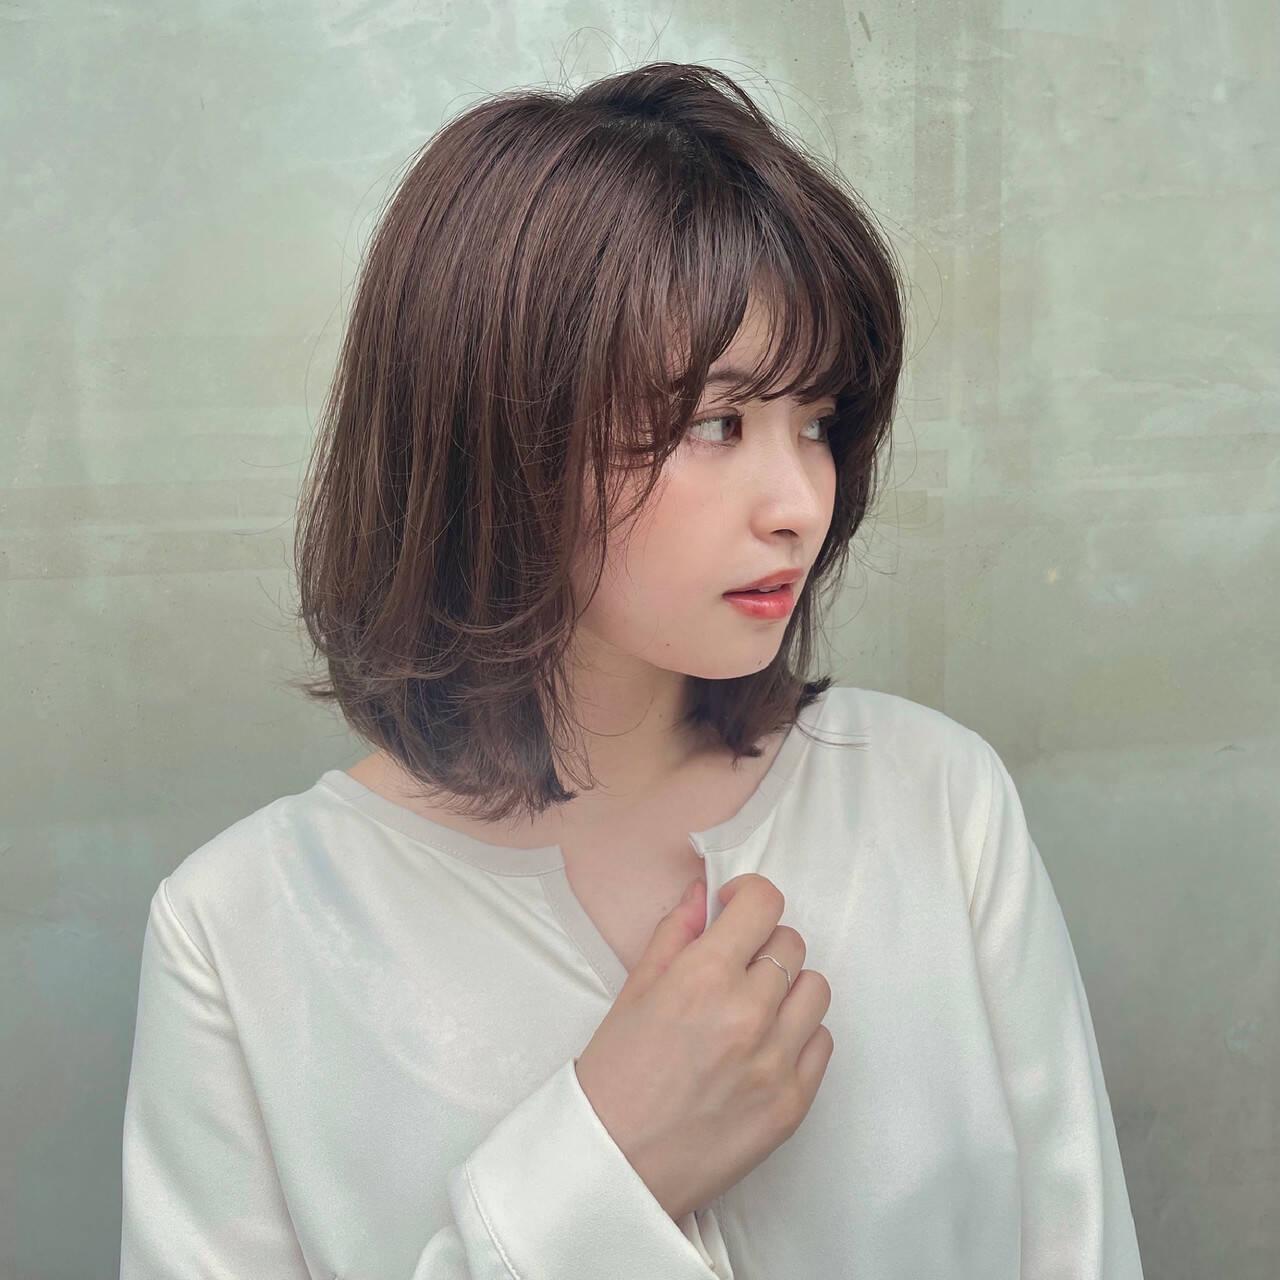 アッシュブラウン 透明感カラー 内巻き イルミナカラーヘアスタイルや髪型の写真・画像